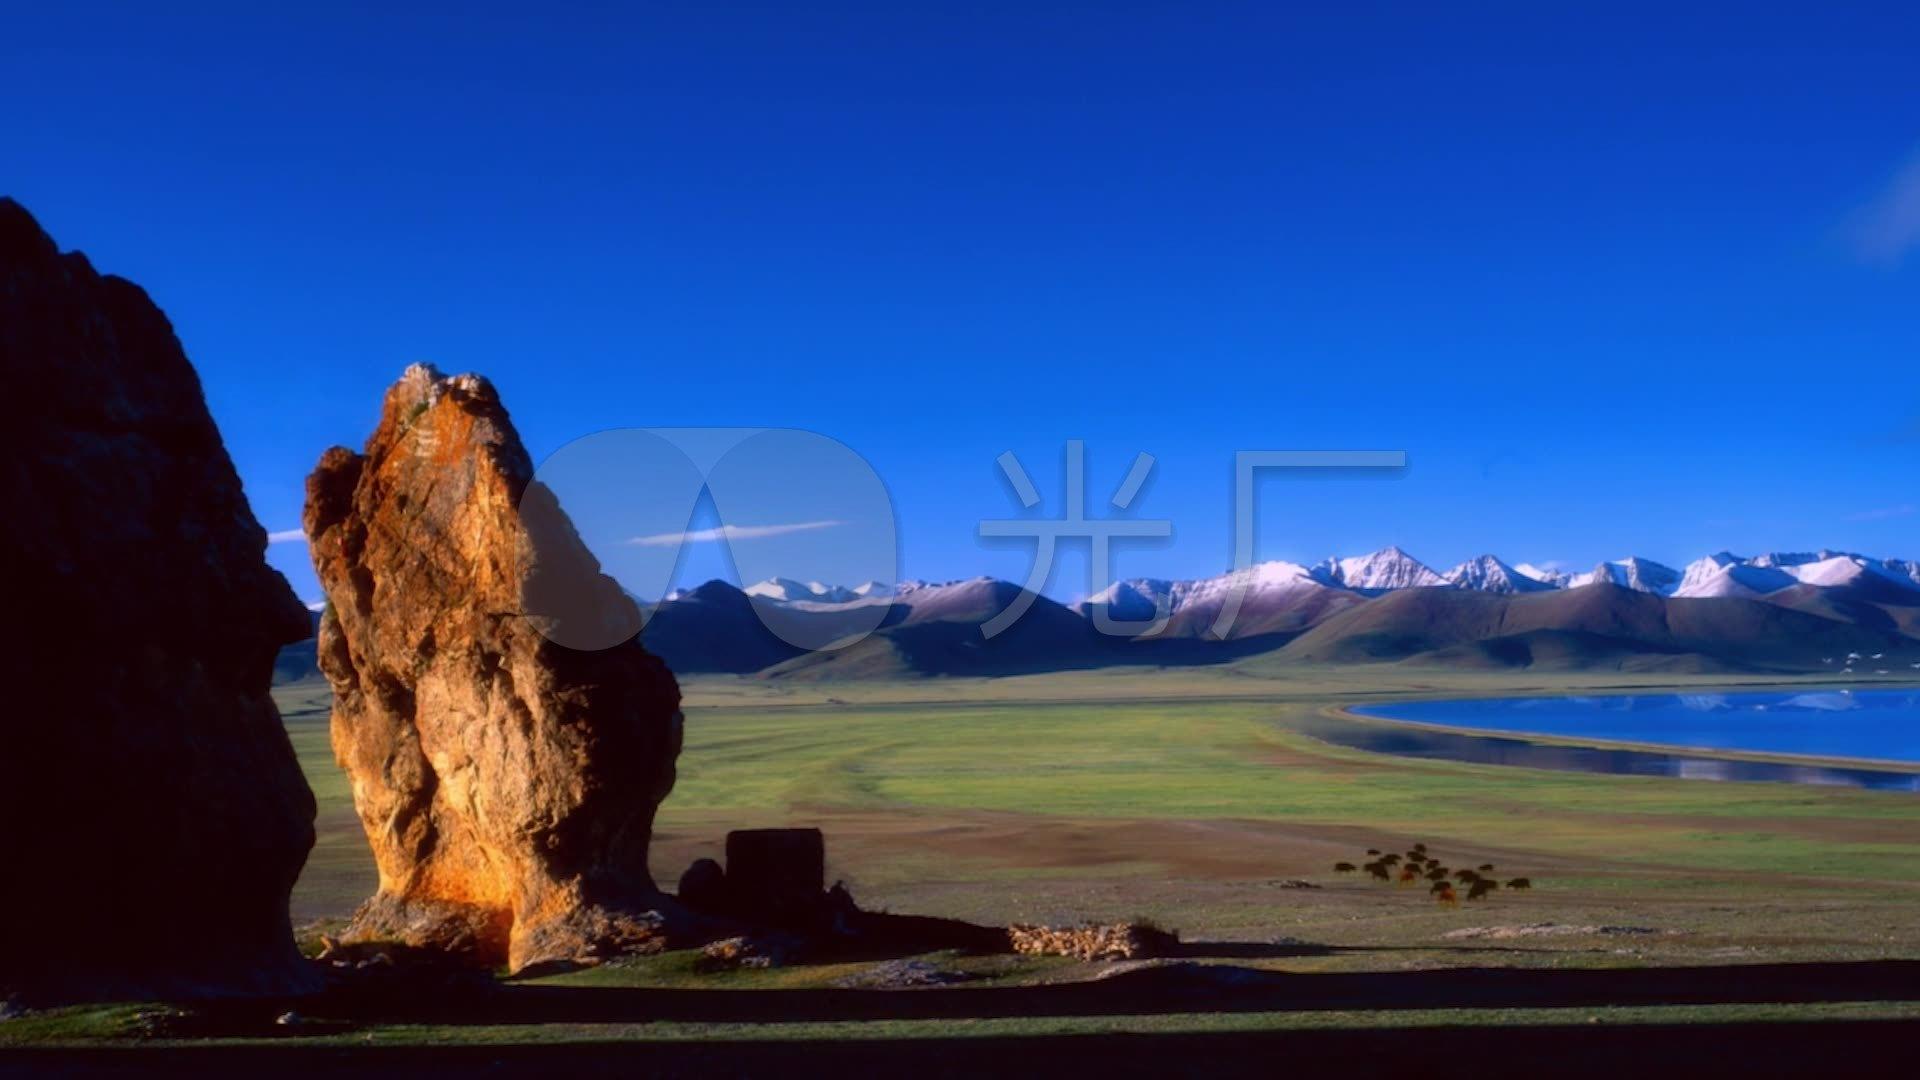 西藏风情雪山v风情草原风景视频风光_1920X1棒棒舞蹈湖泊哒图片